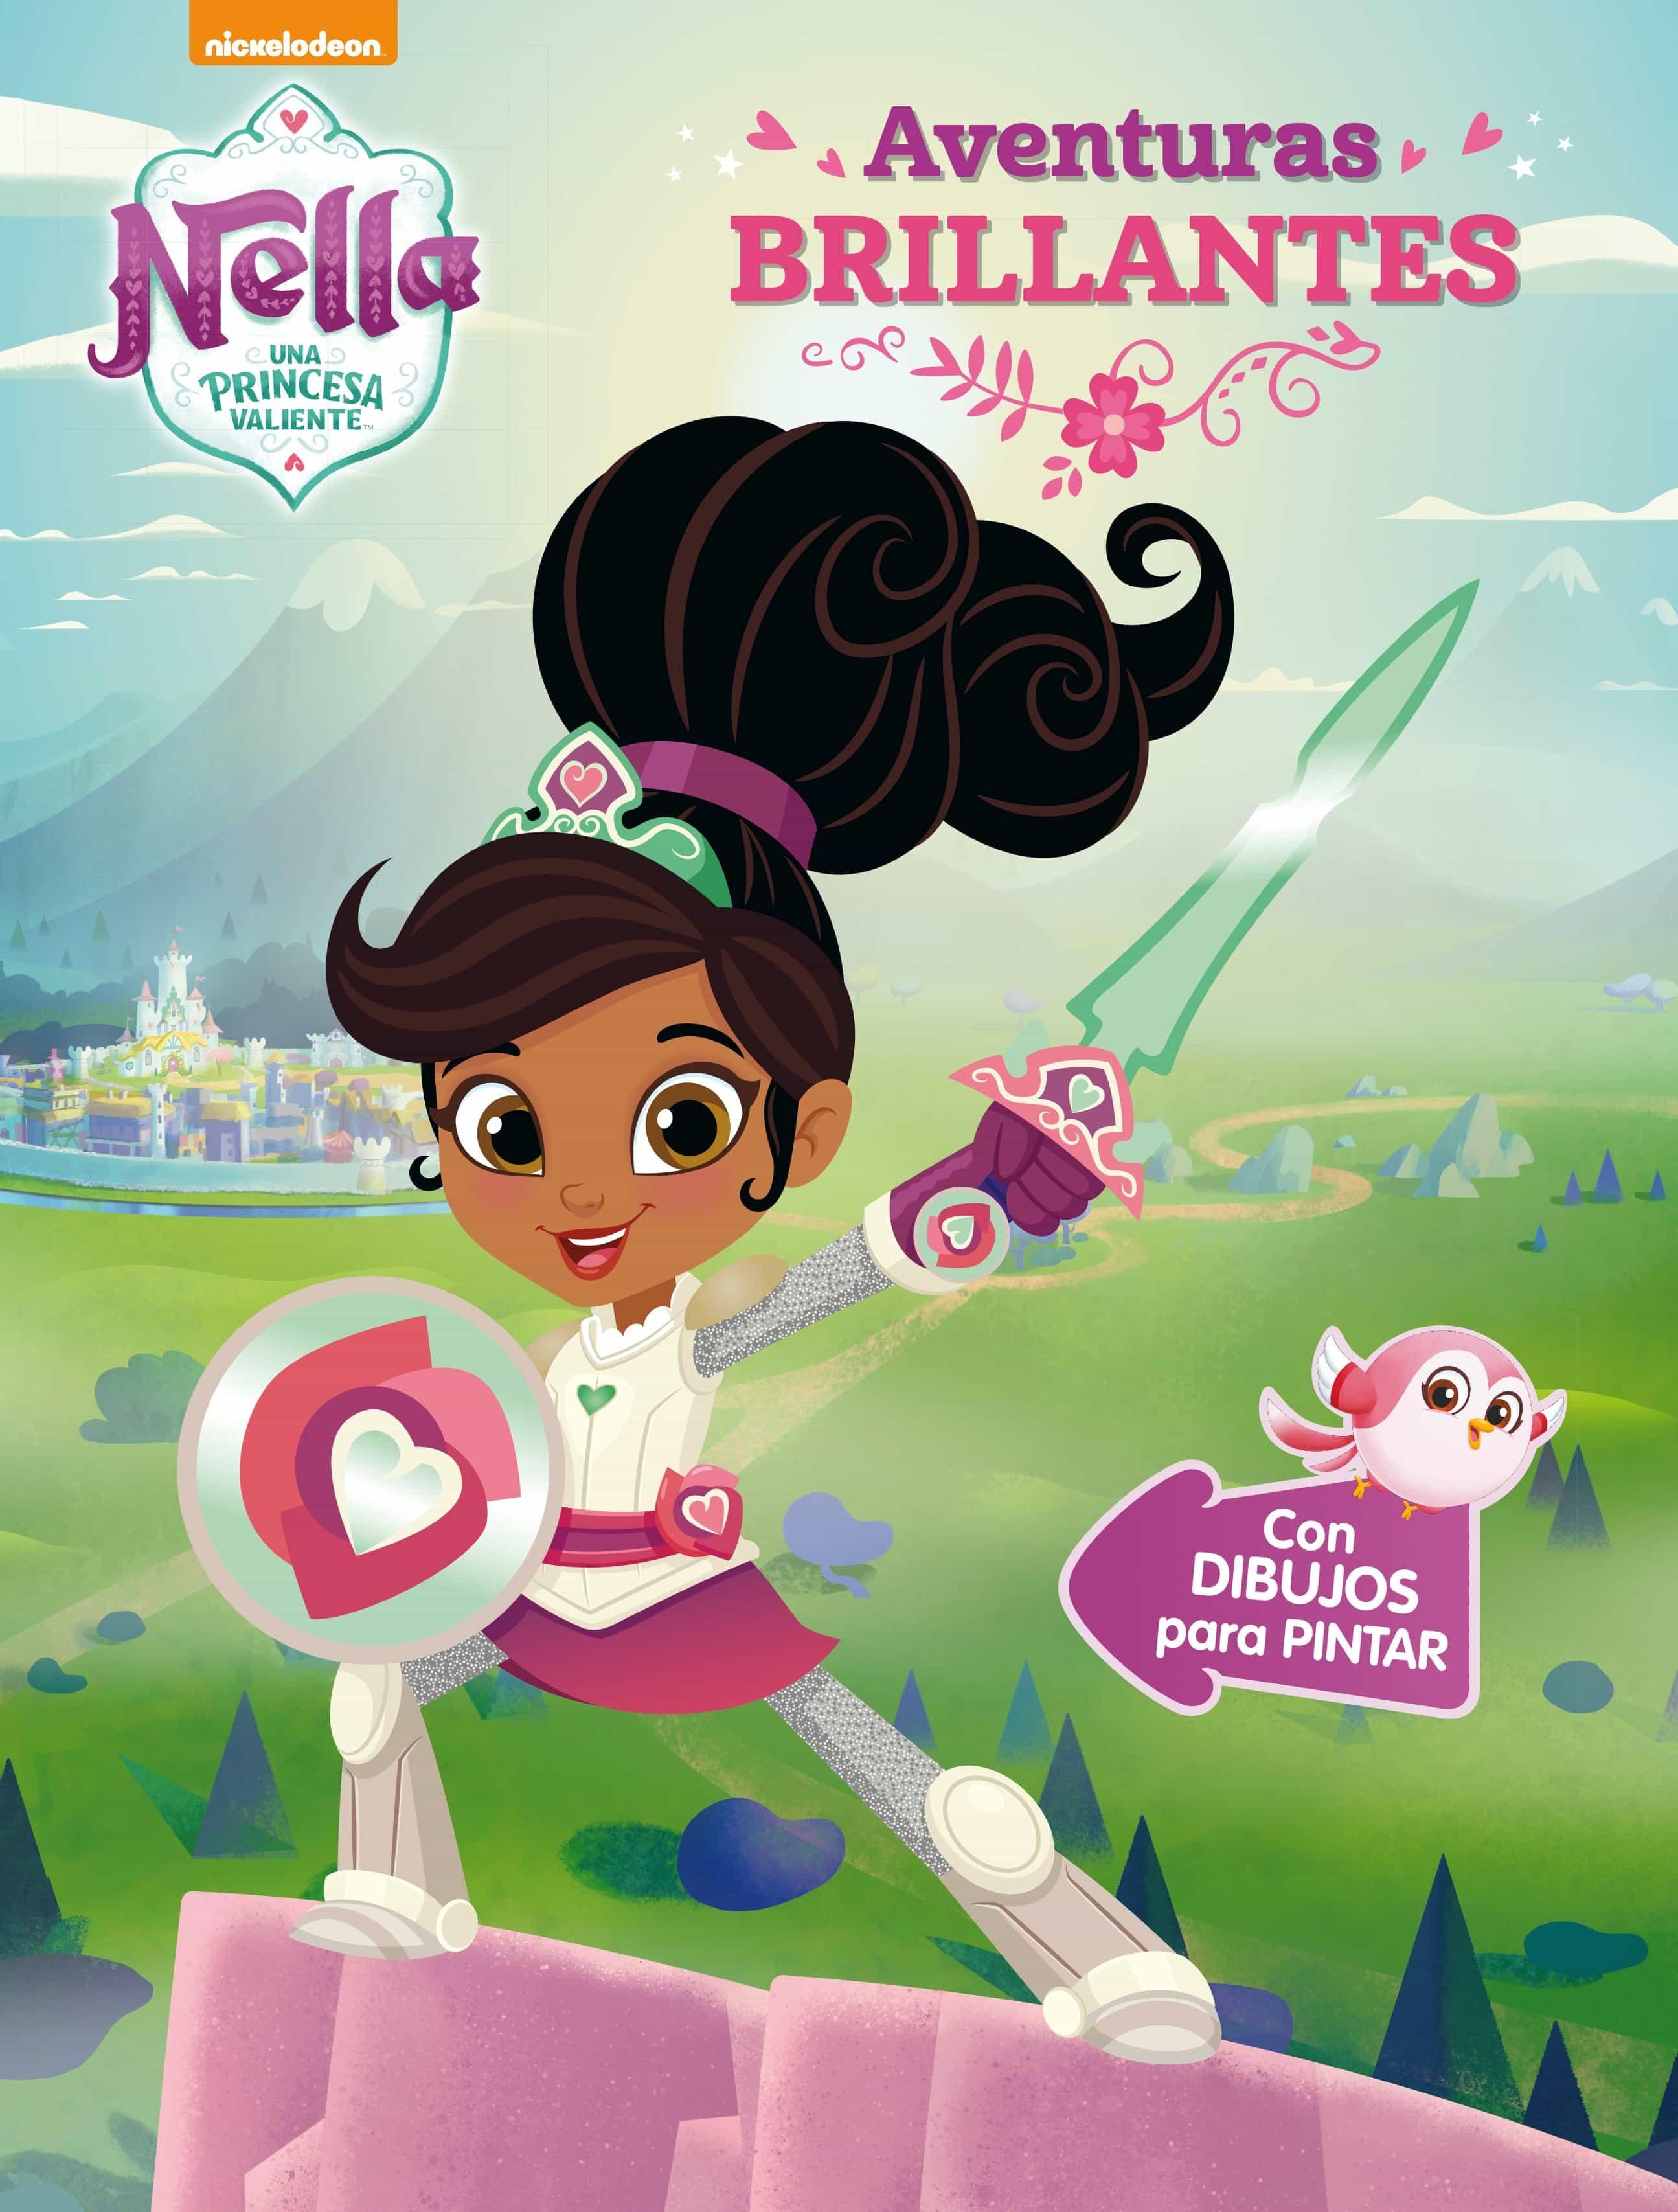 Aventuras Brillantes (nella, Una Princesa Valiente. Actividades) por Vv.aa.